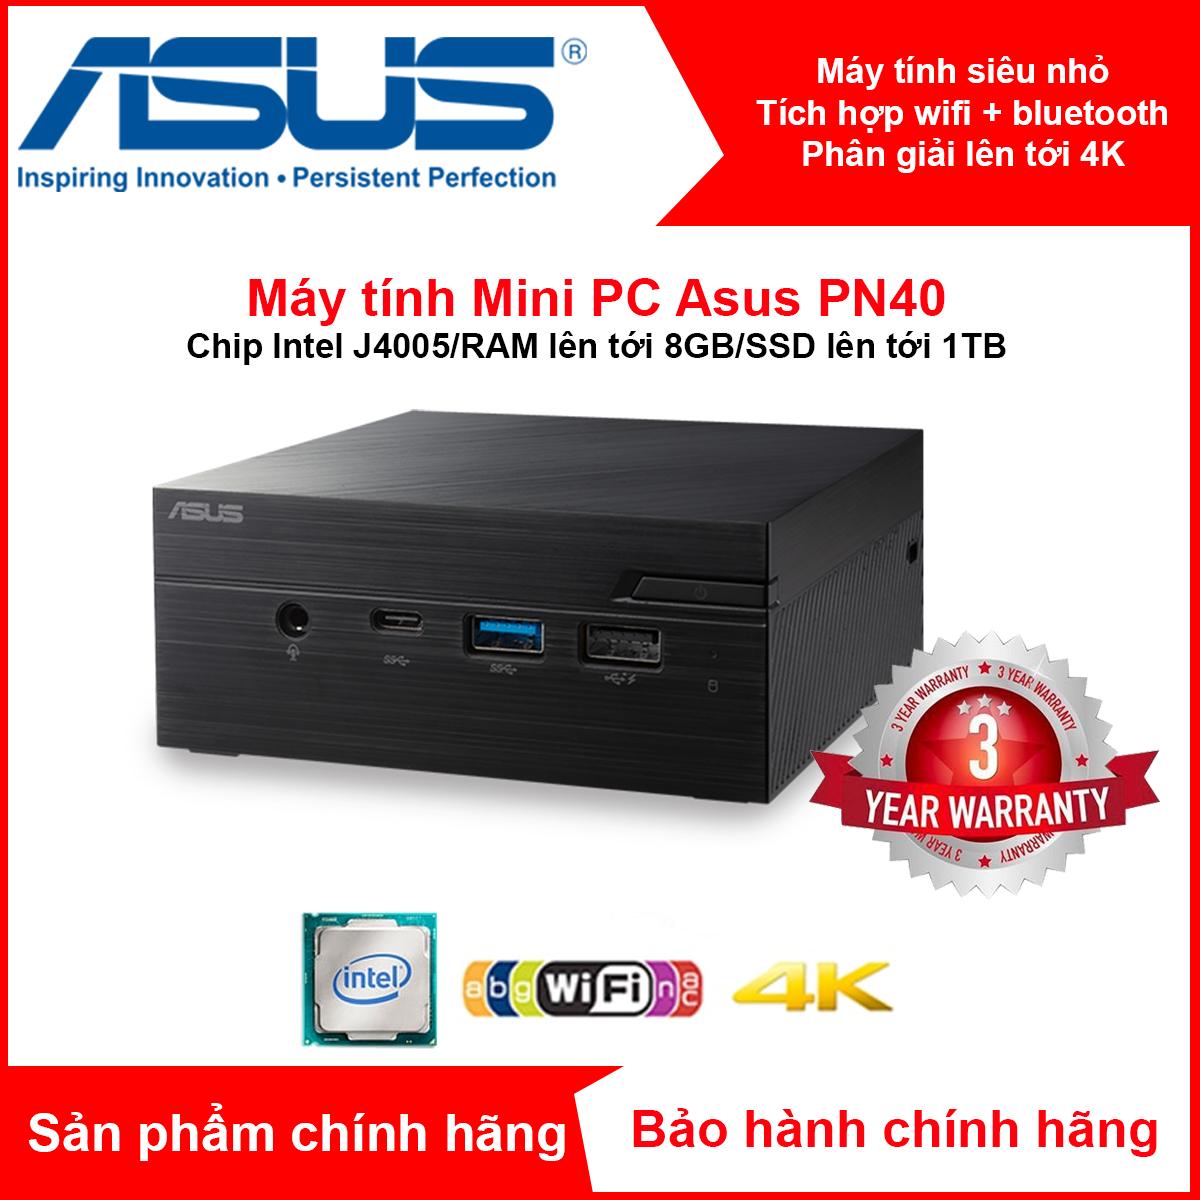 Máy tính siêu nhỏ MiniPC Asus PN40 chip Intel J4025//RAM+SSD tùy chọn/4K UHD support/Wi-Fi + Bluetooth/ USB 3.1 Gen 1 Type-C